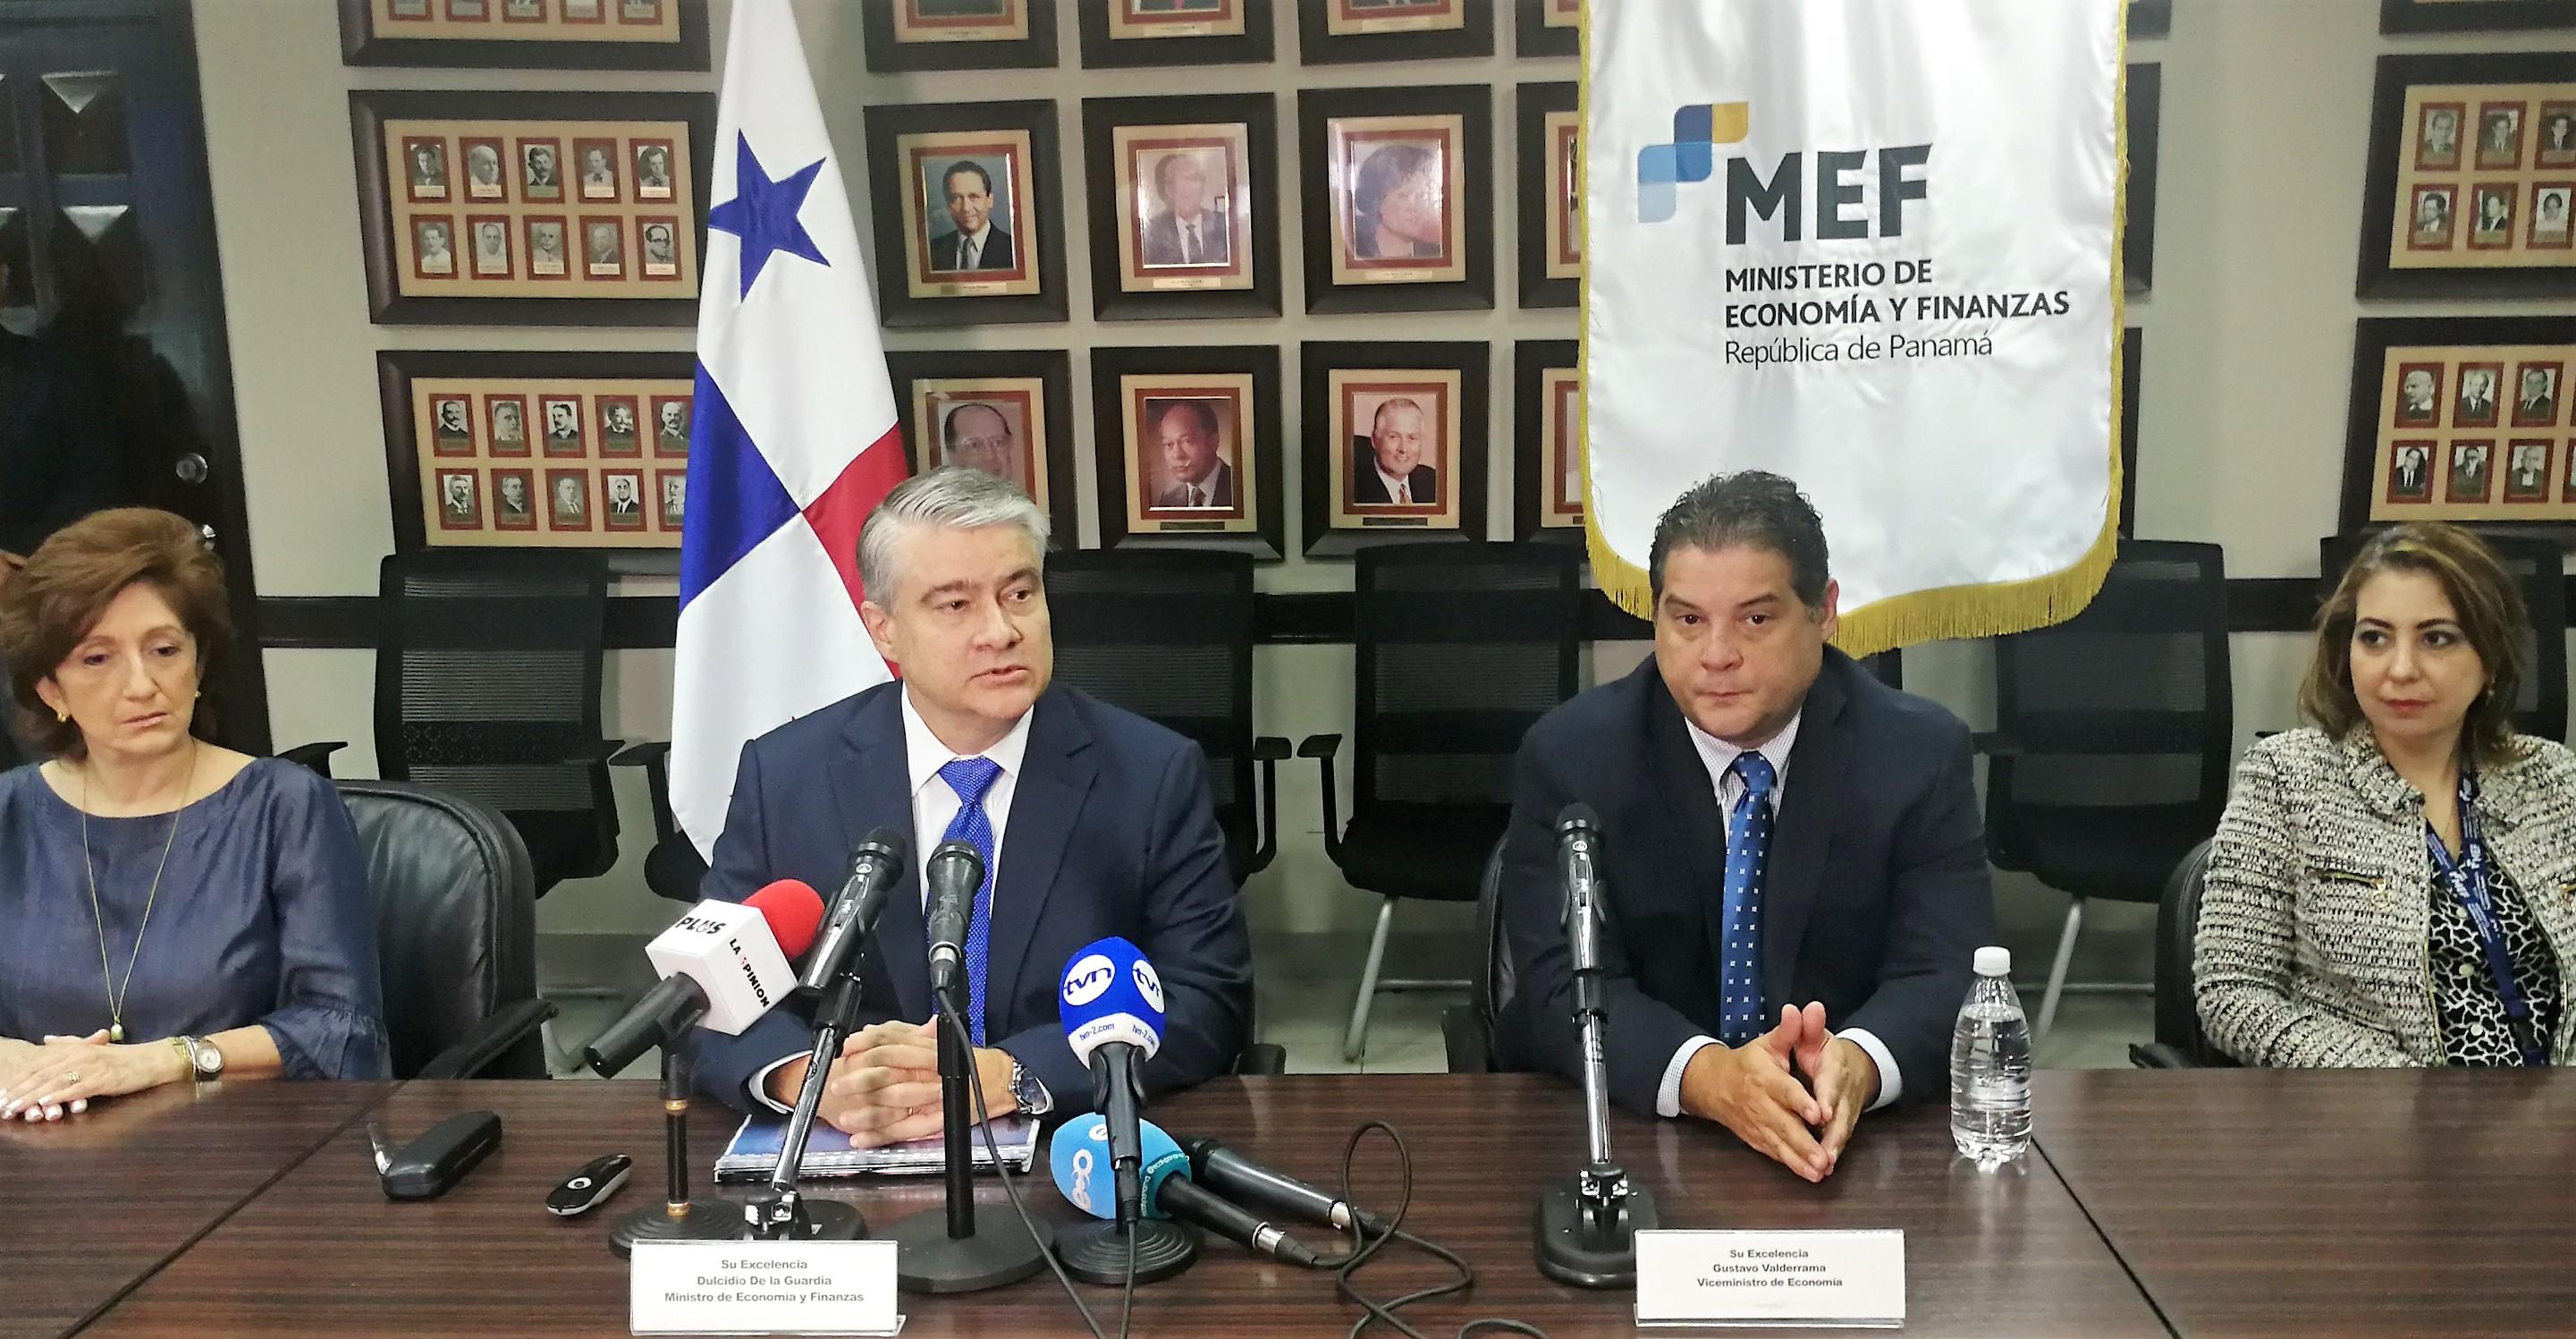 MEF presentó informe de gestión 2014 y 2017